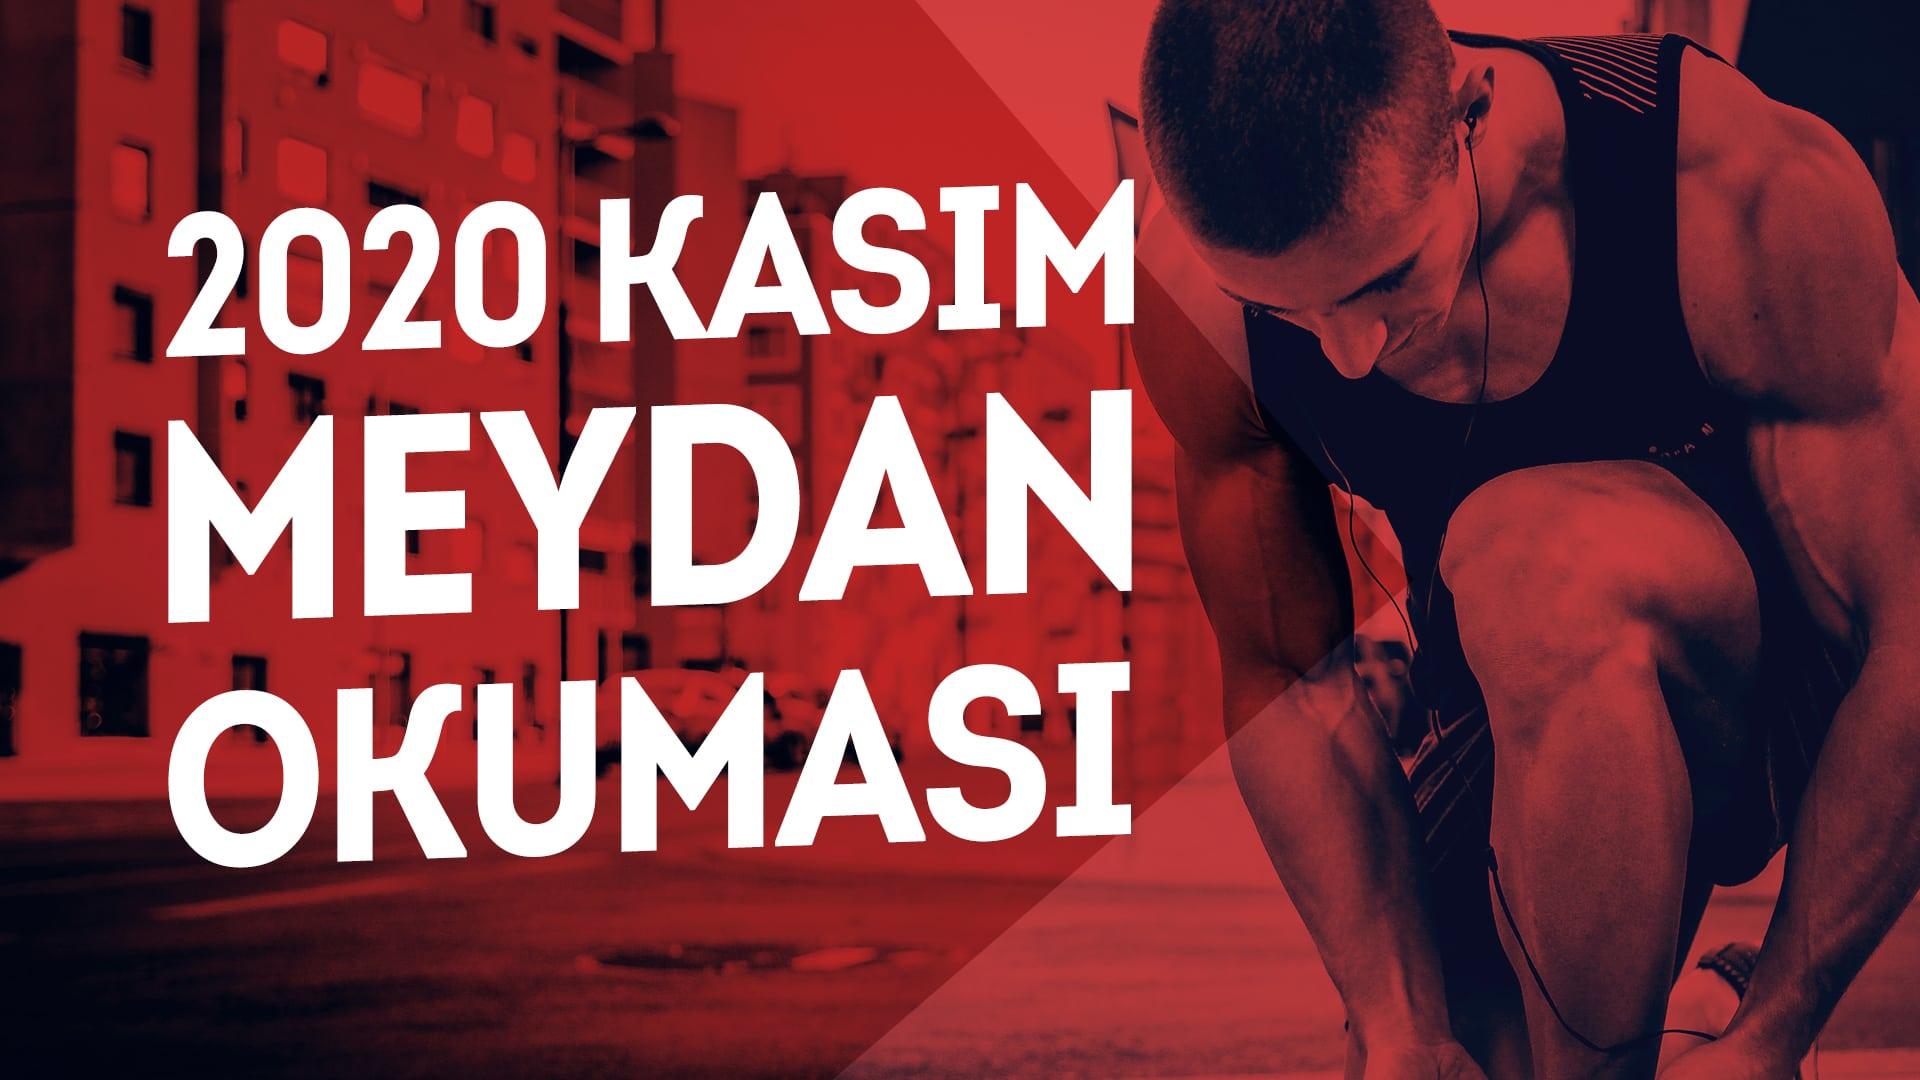 2020 Kasim